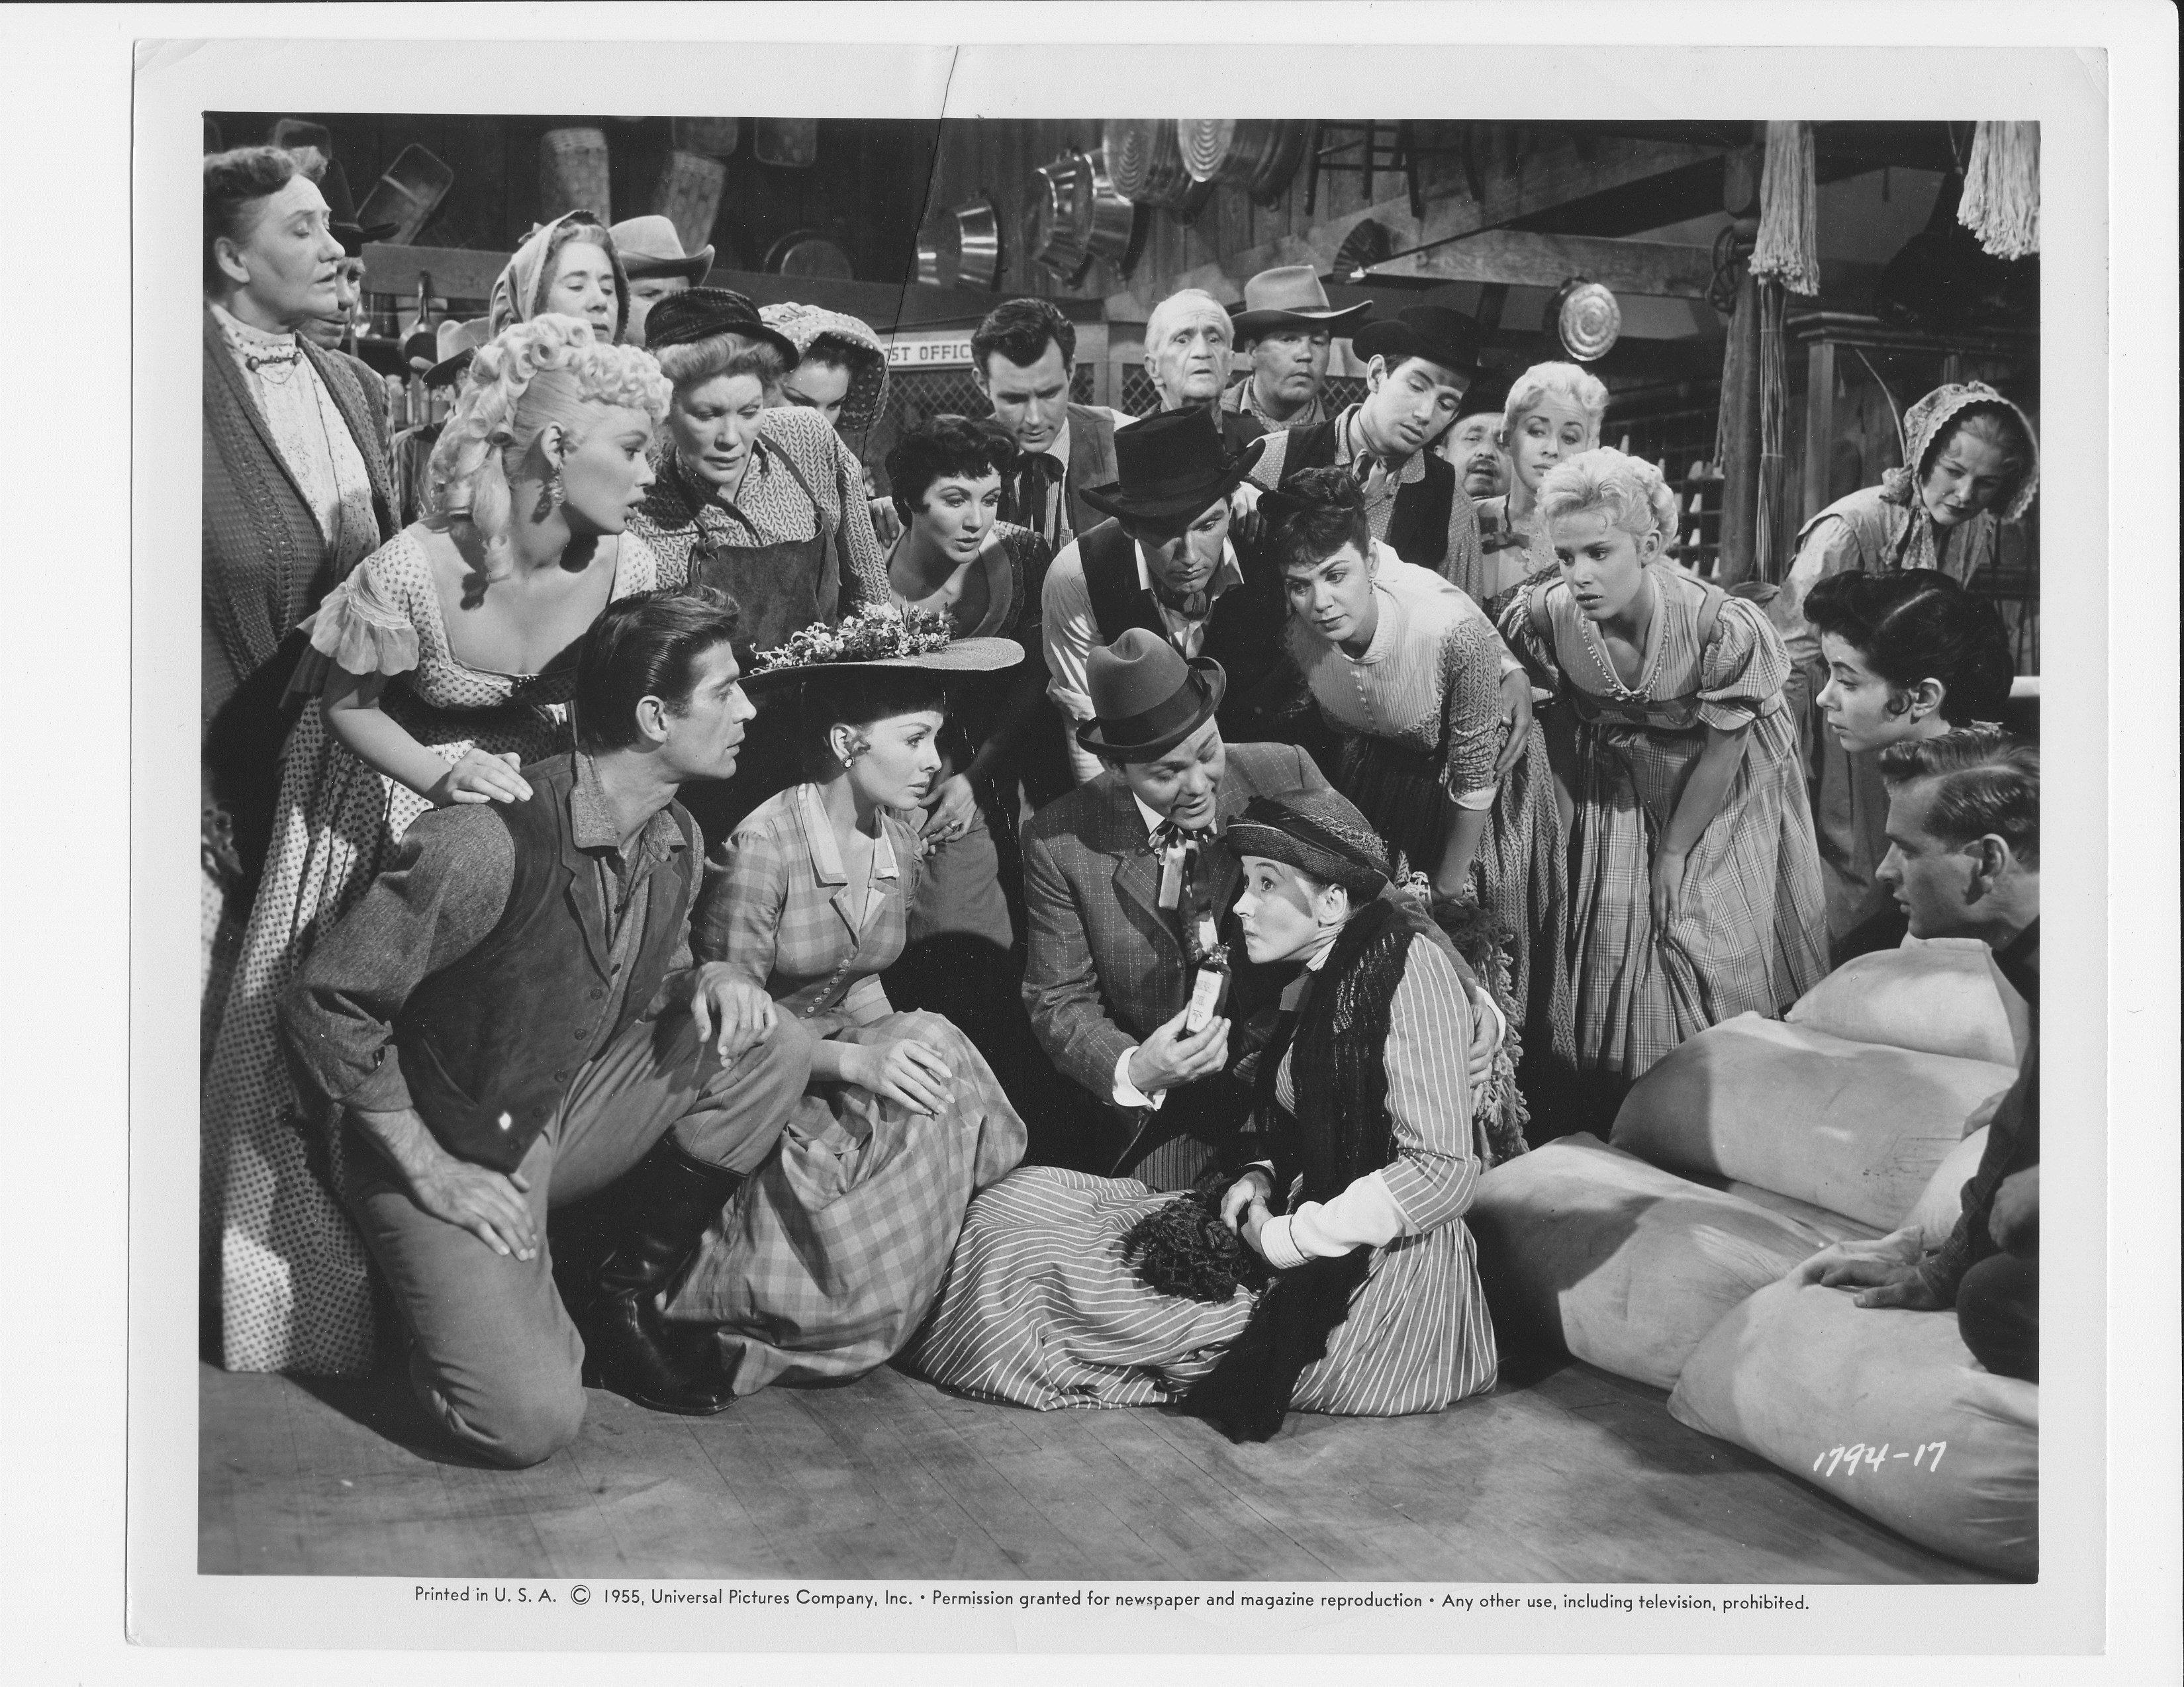 """Mamie Van Doren, George Nader, Paul Gilbert, Edna Skinner, Kitty Kallen and Barrie Chase in """"Second Greatest Sex."""""""